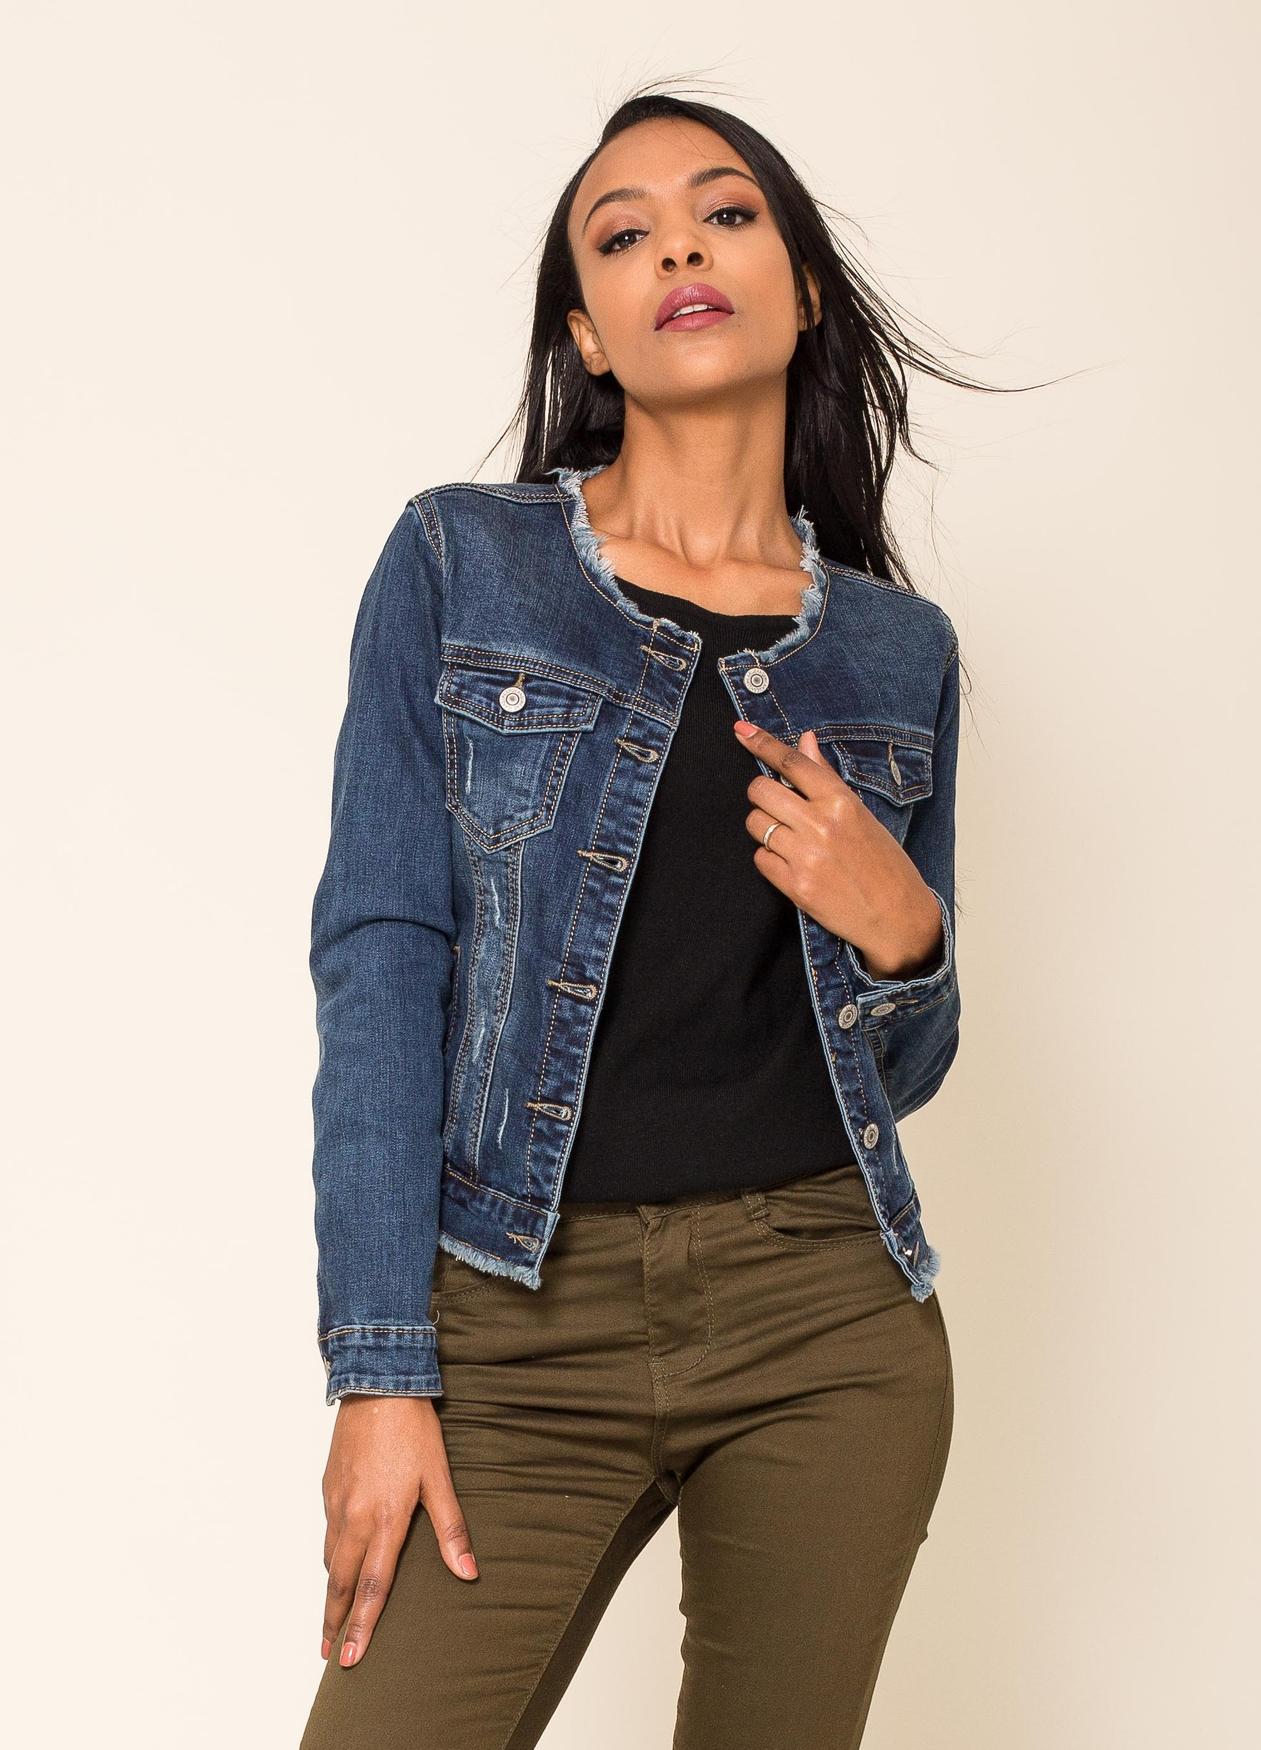 Damen Jeansjacke Kurze Übergangsjacke Used Denim Weste Destroyed, Farben:Blau, Größe:42 XL